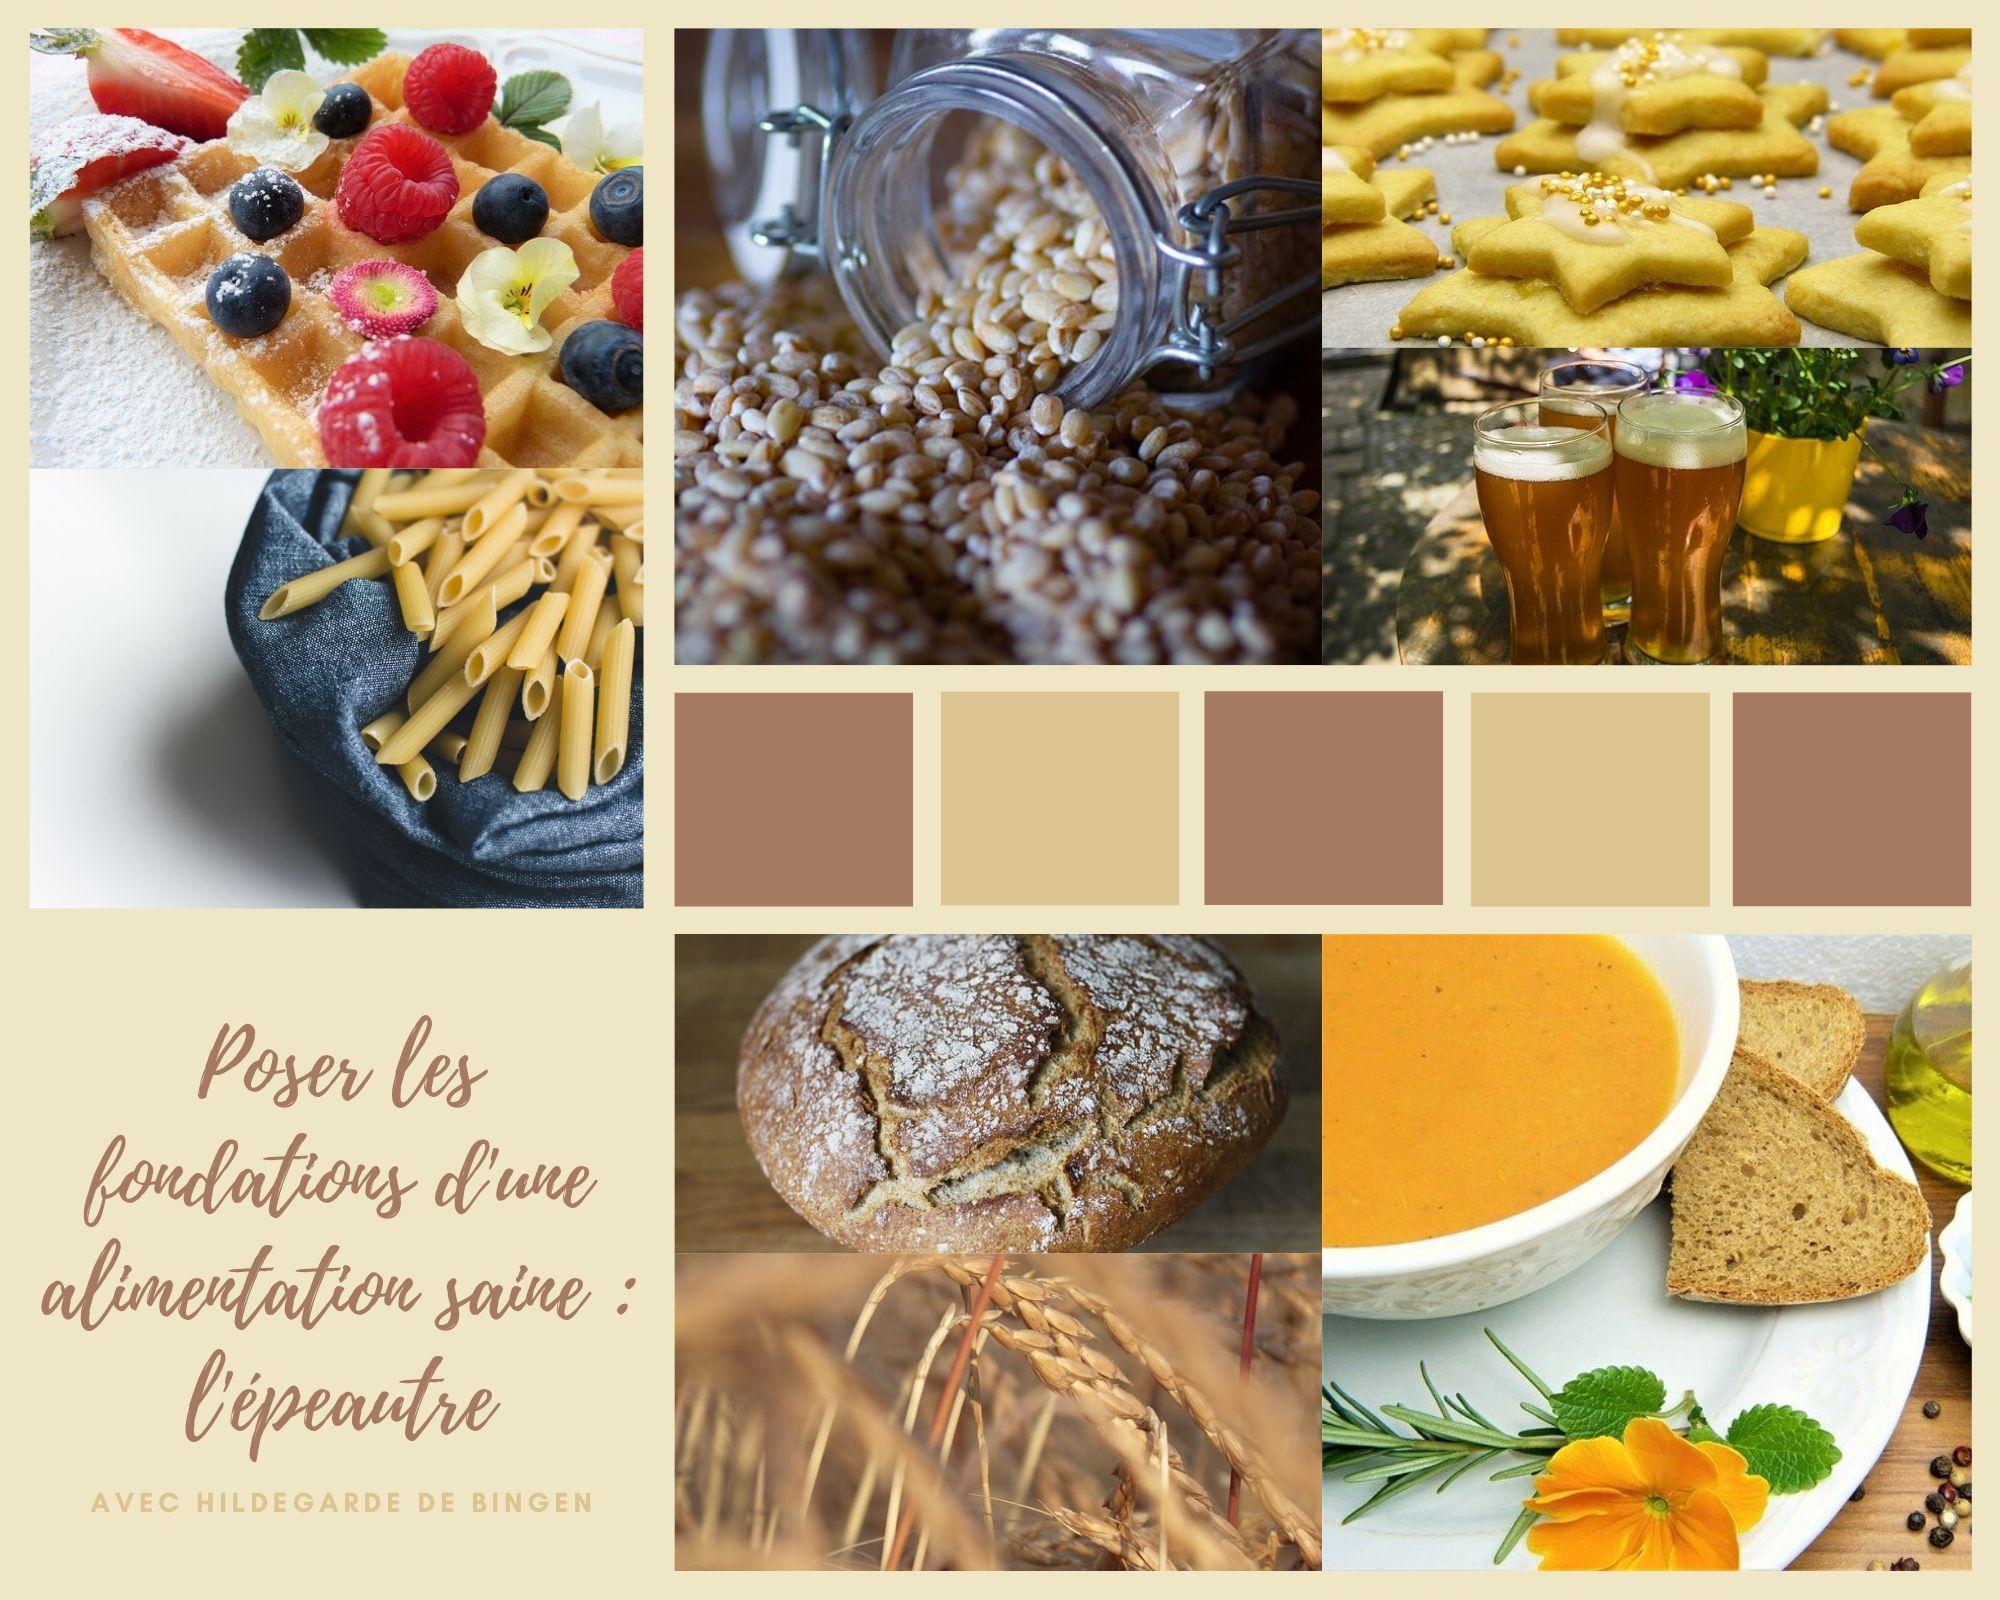 Fondation d'une alimentation saine : l'épeautre